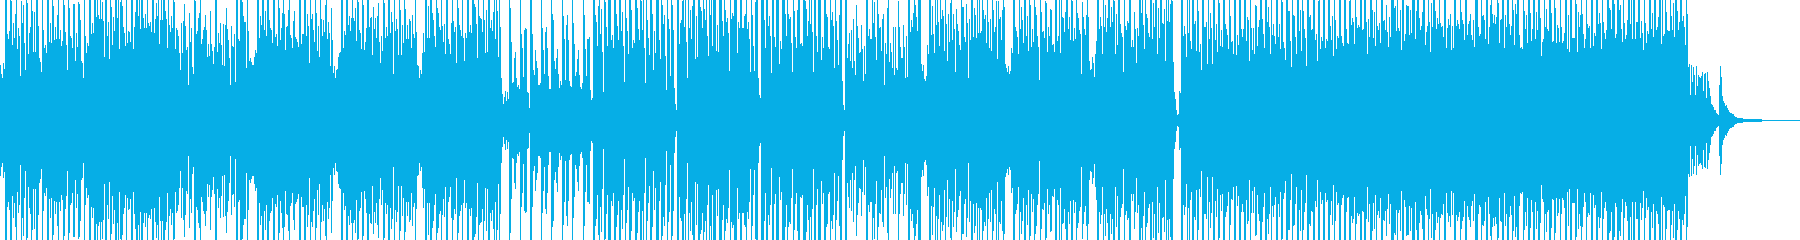 民族的で原始的なテクノポップ エレキ無Aの再生済みの波形